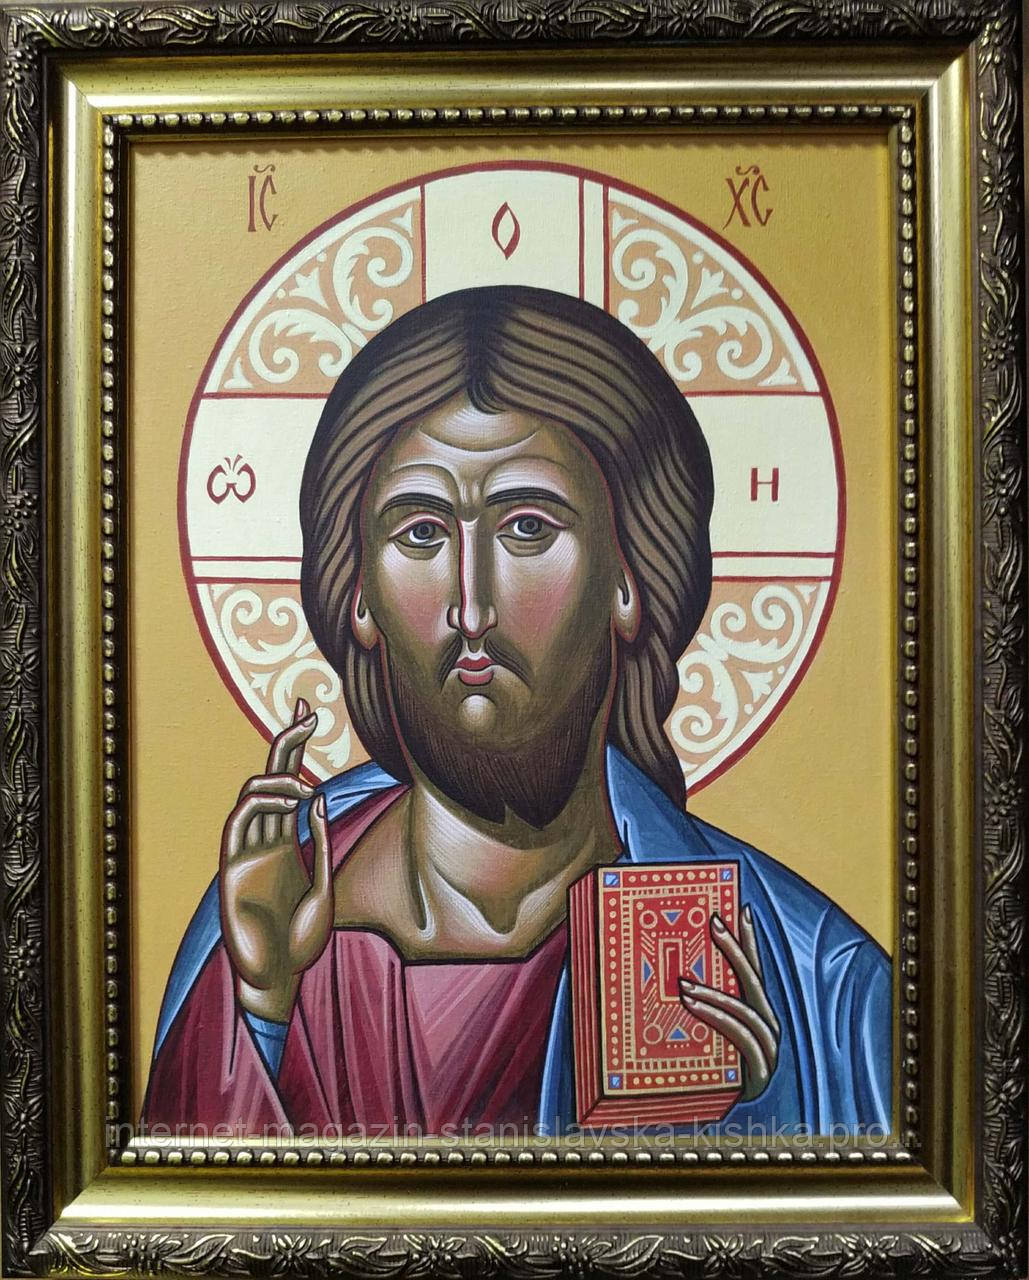 Картина ІСУС полотно олія 20*24